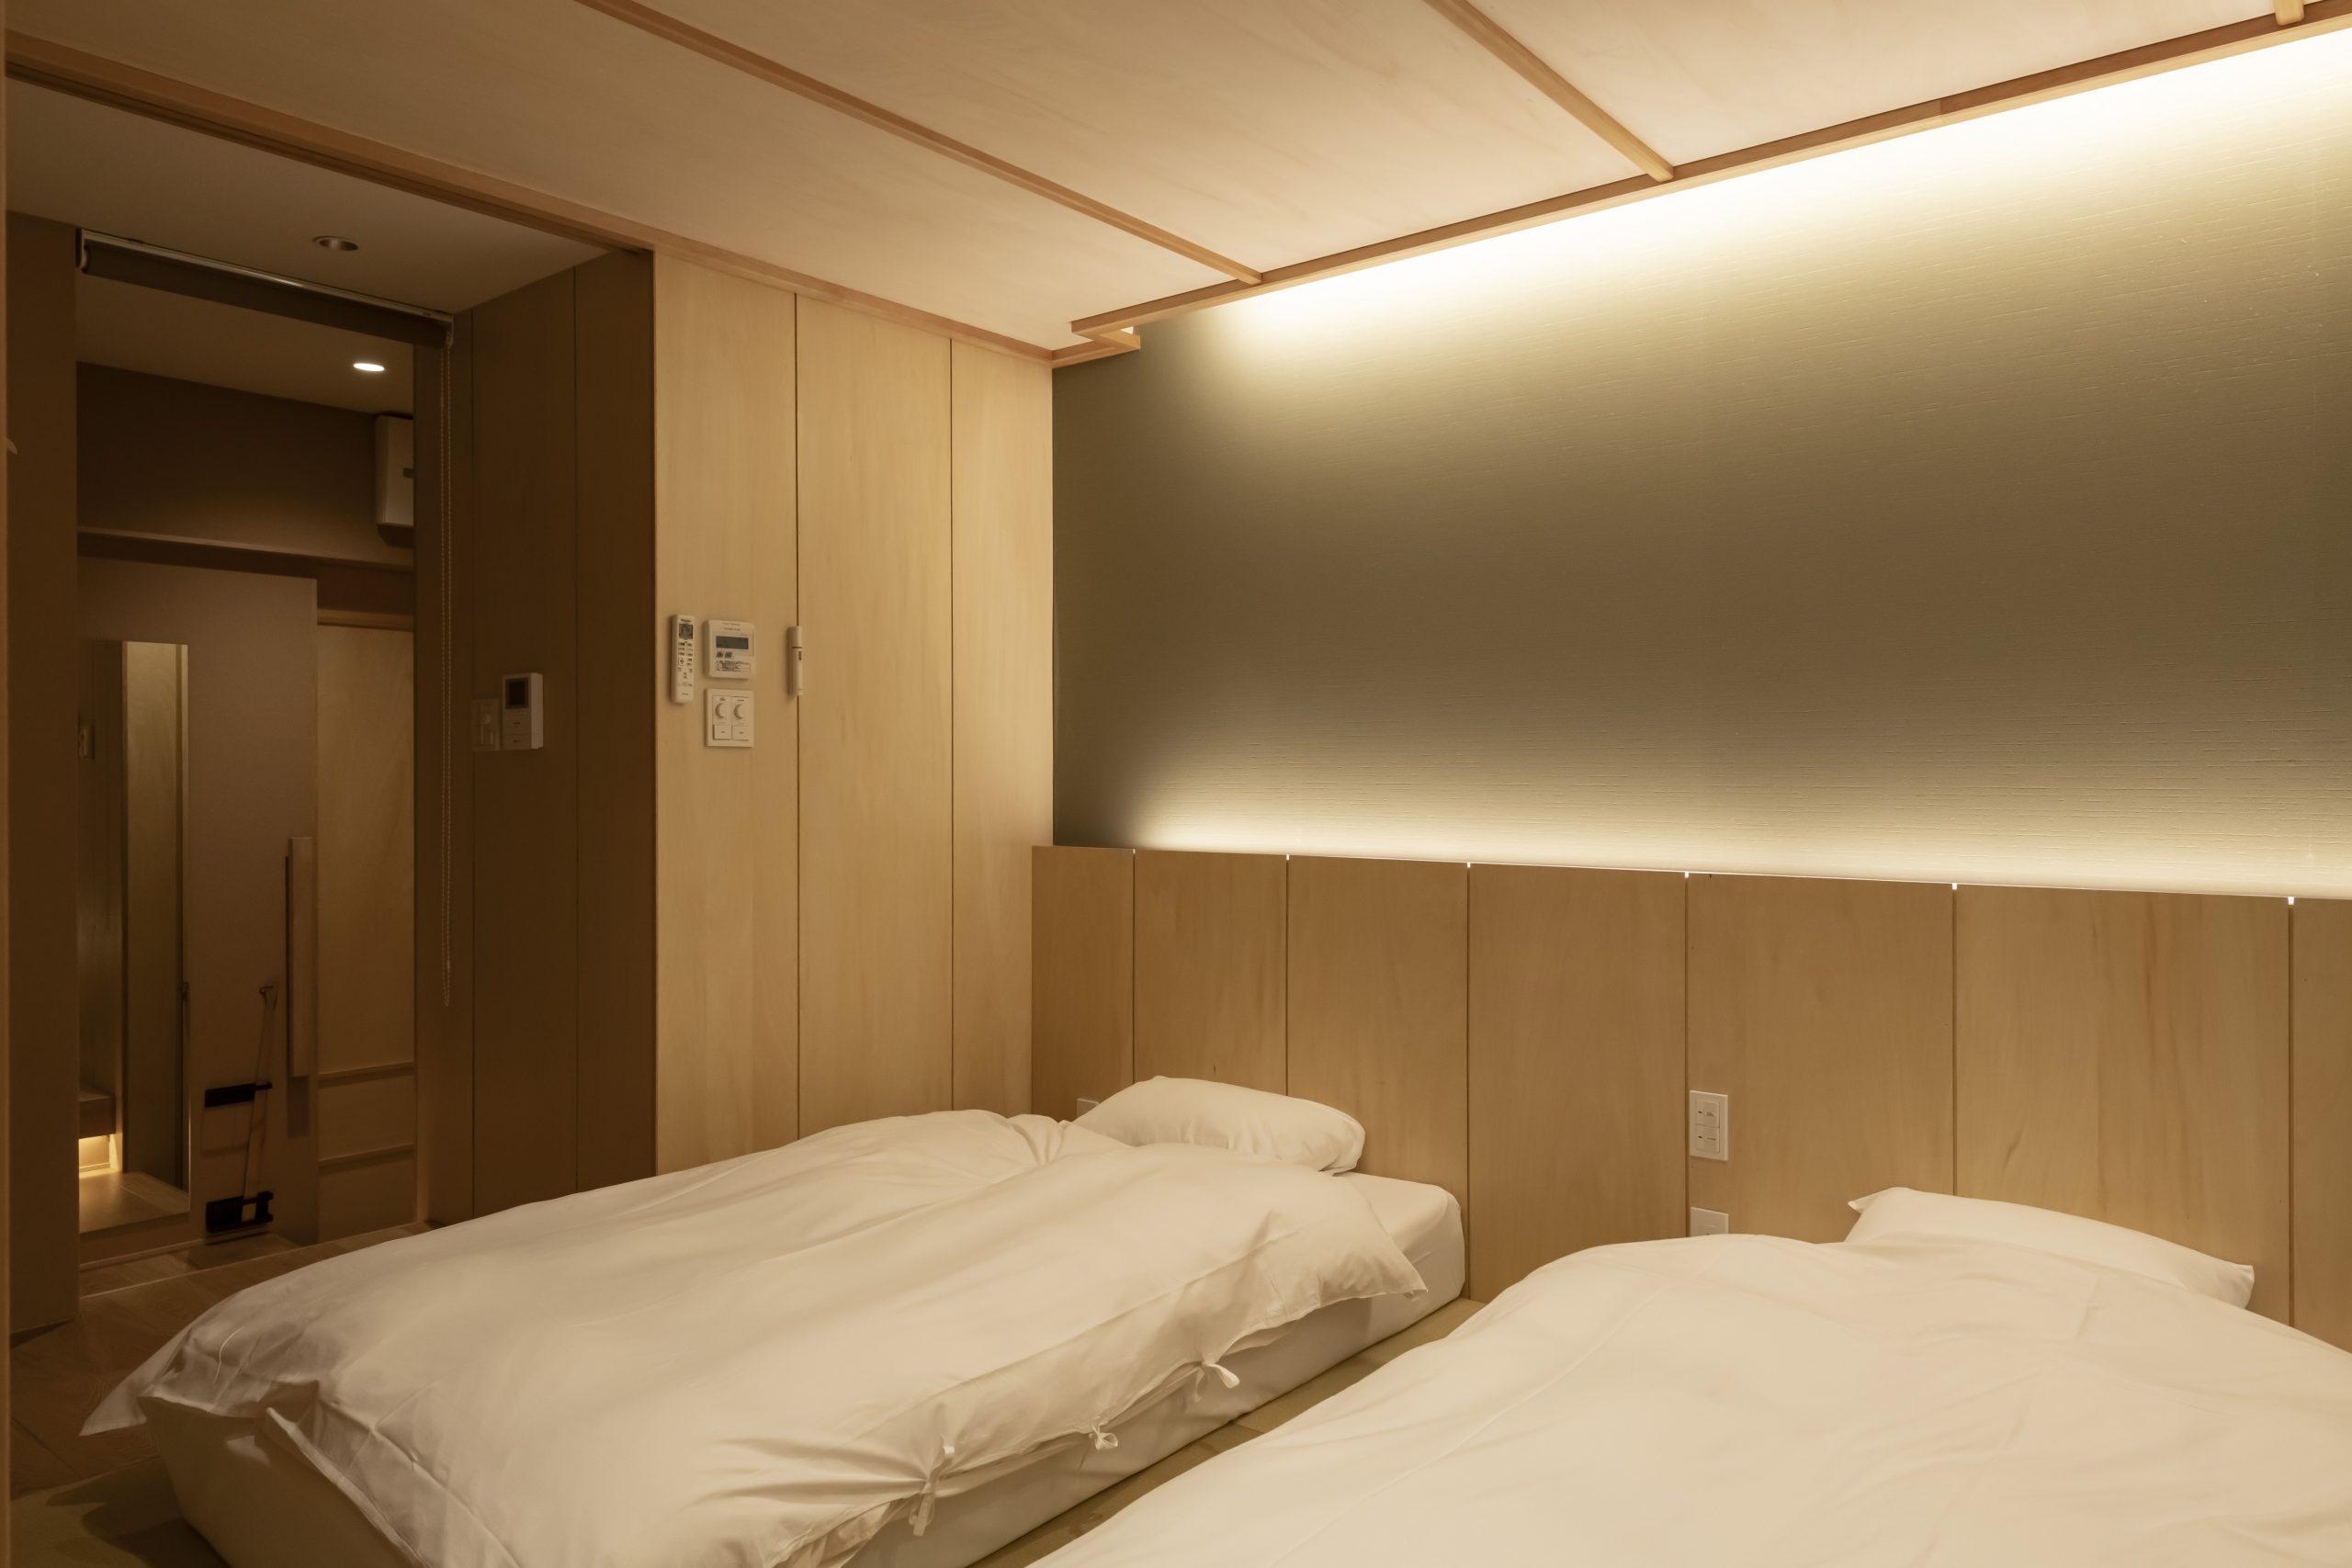 [6泊]6連泊(日~金)×1週 京町家檜風呂付和室 1~2名利用プラン